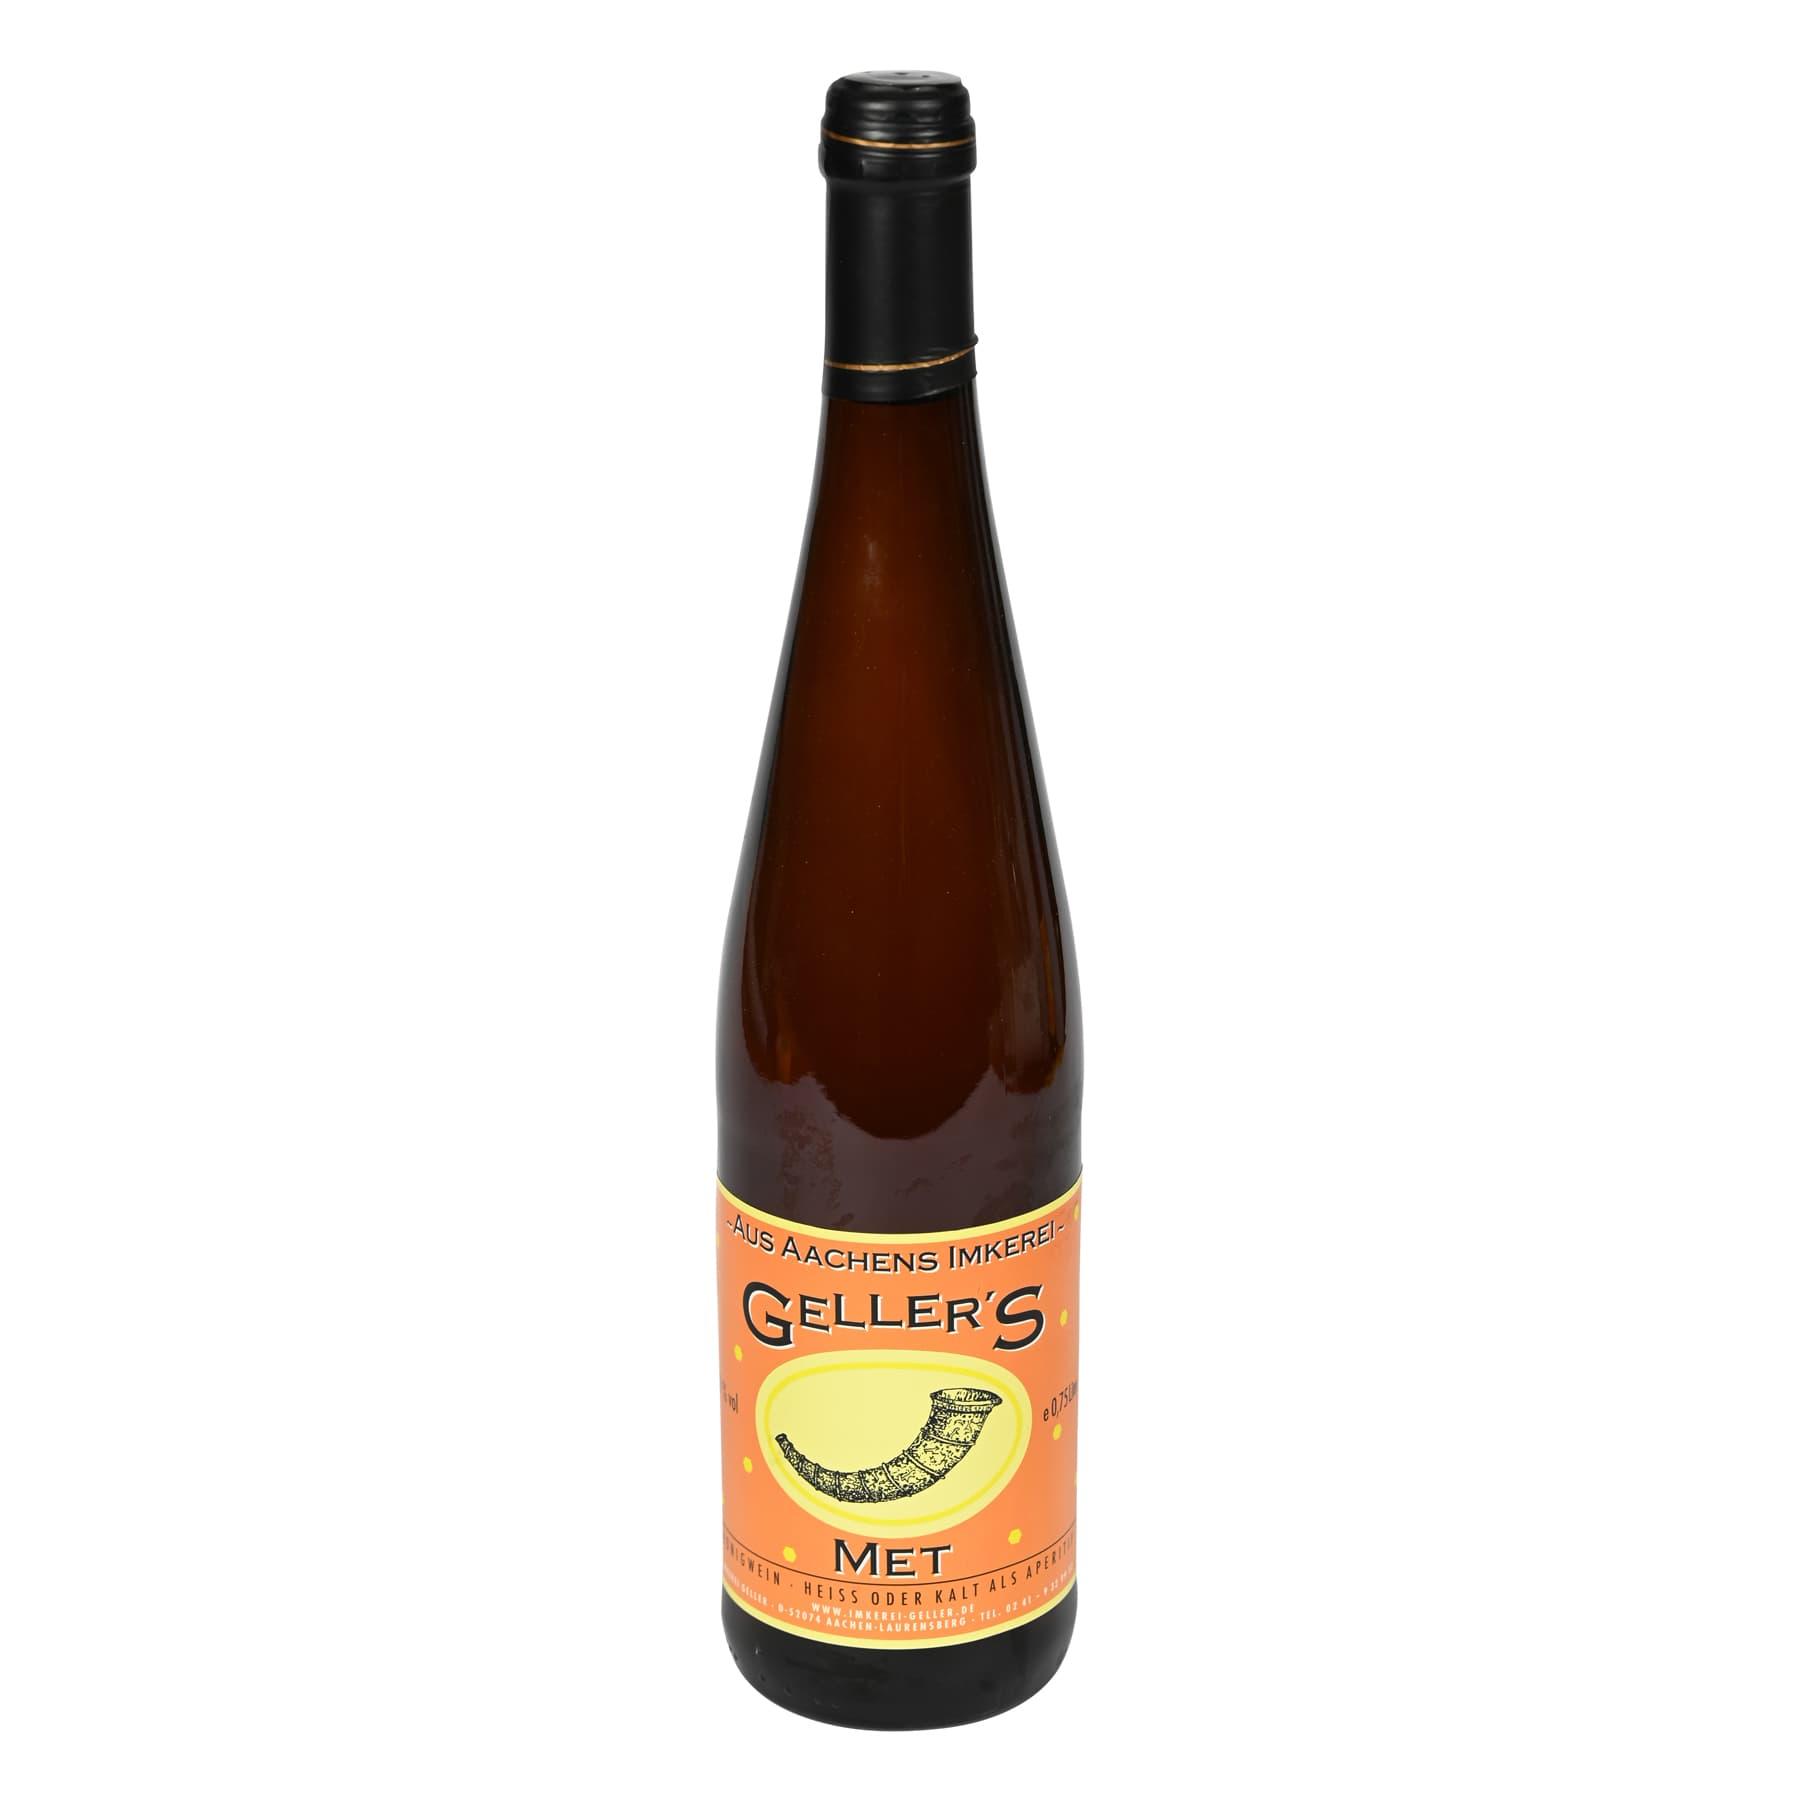 Honigwein - Met, lieblich, 0,75 l Flasche (schwarze Kapsel)